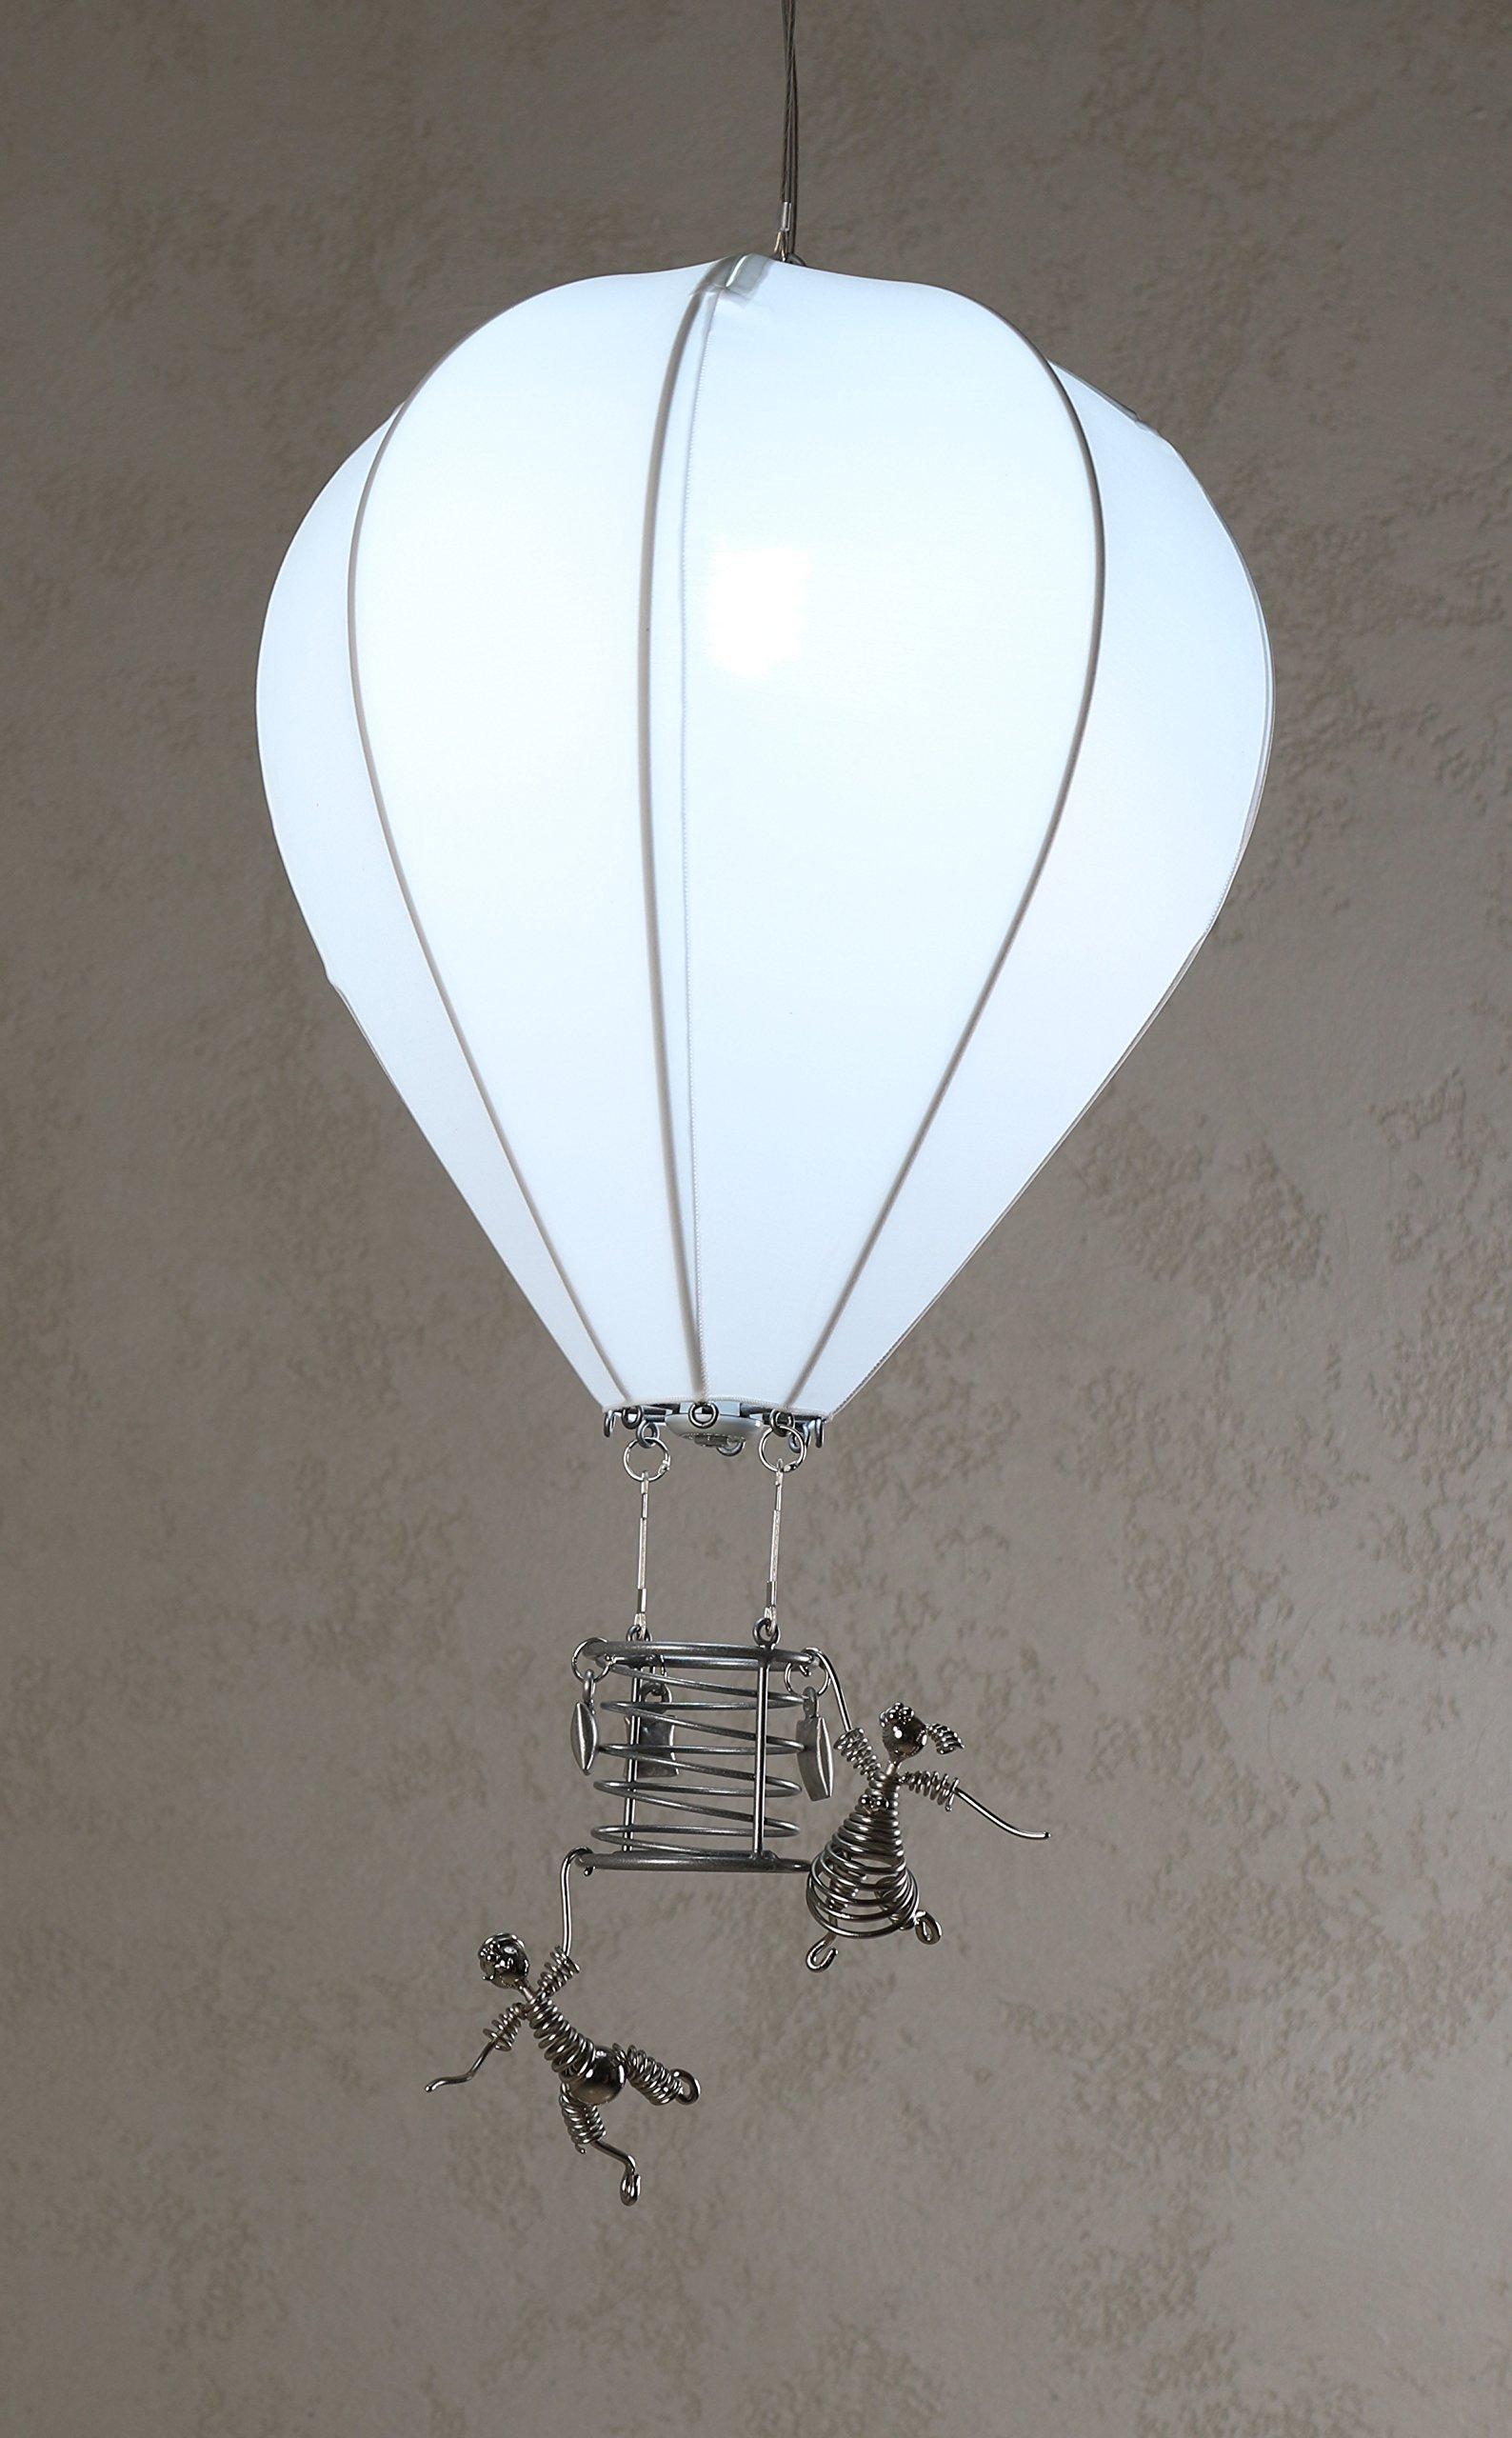 ArtBuz Hot Air Balloon Chandelier Ceiling Lamp Light – Modern & Chic Dining, Bar, Living Room, Loft Chandelier – Lighter than Air Series